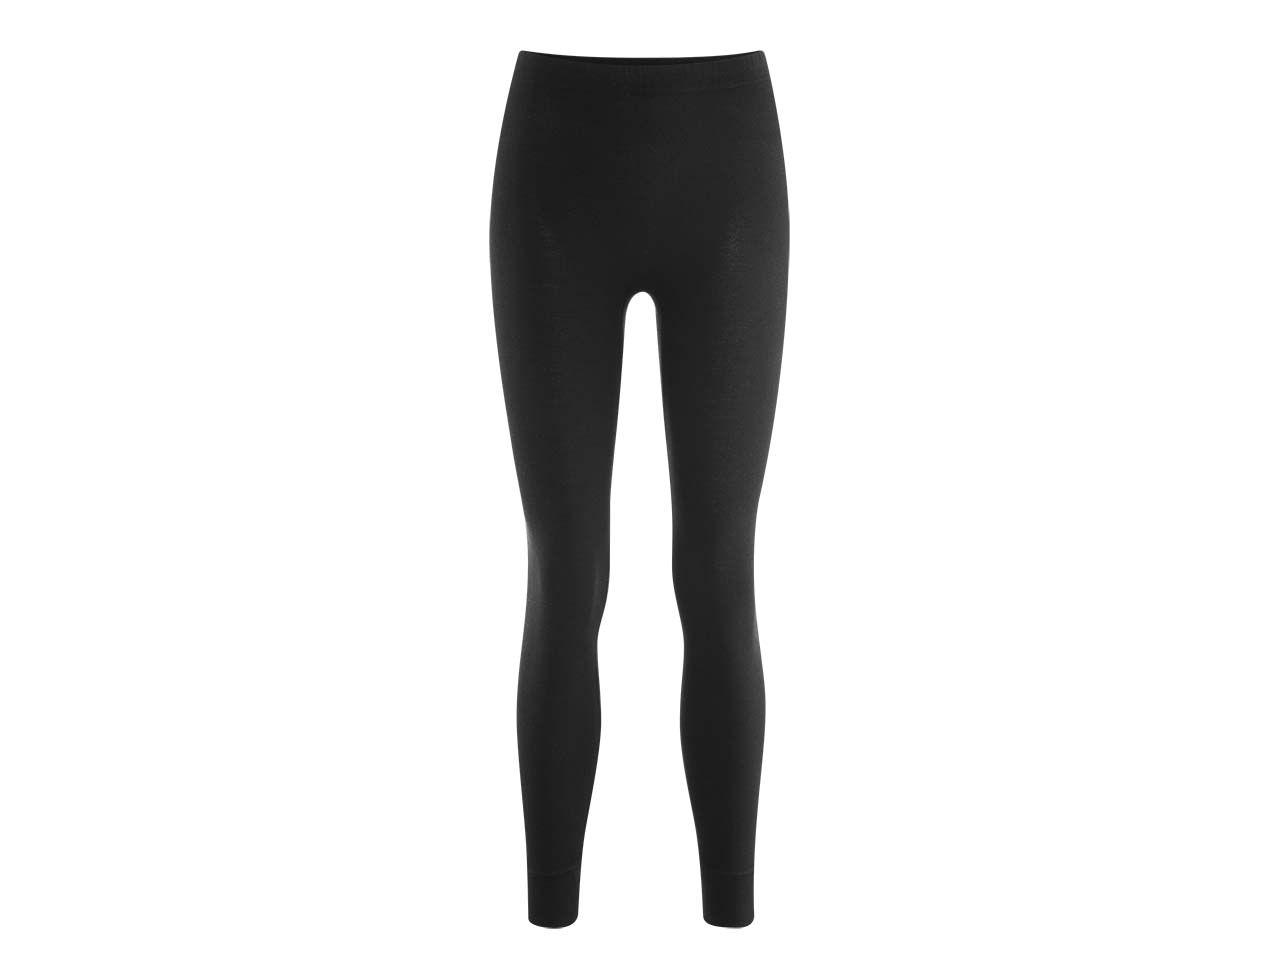 Damen-Unterhose lang aus Bio-Baumwolle schwarz, Gr. S 4358523638